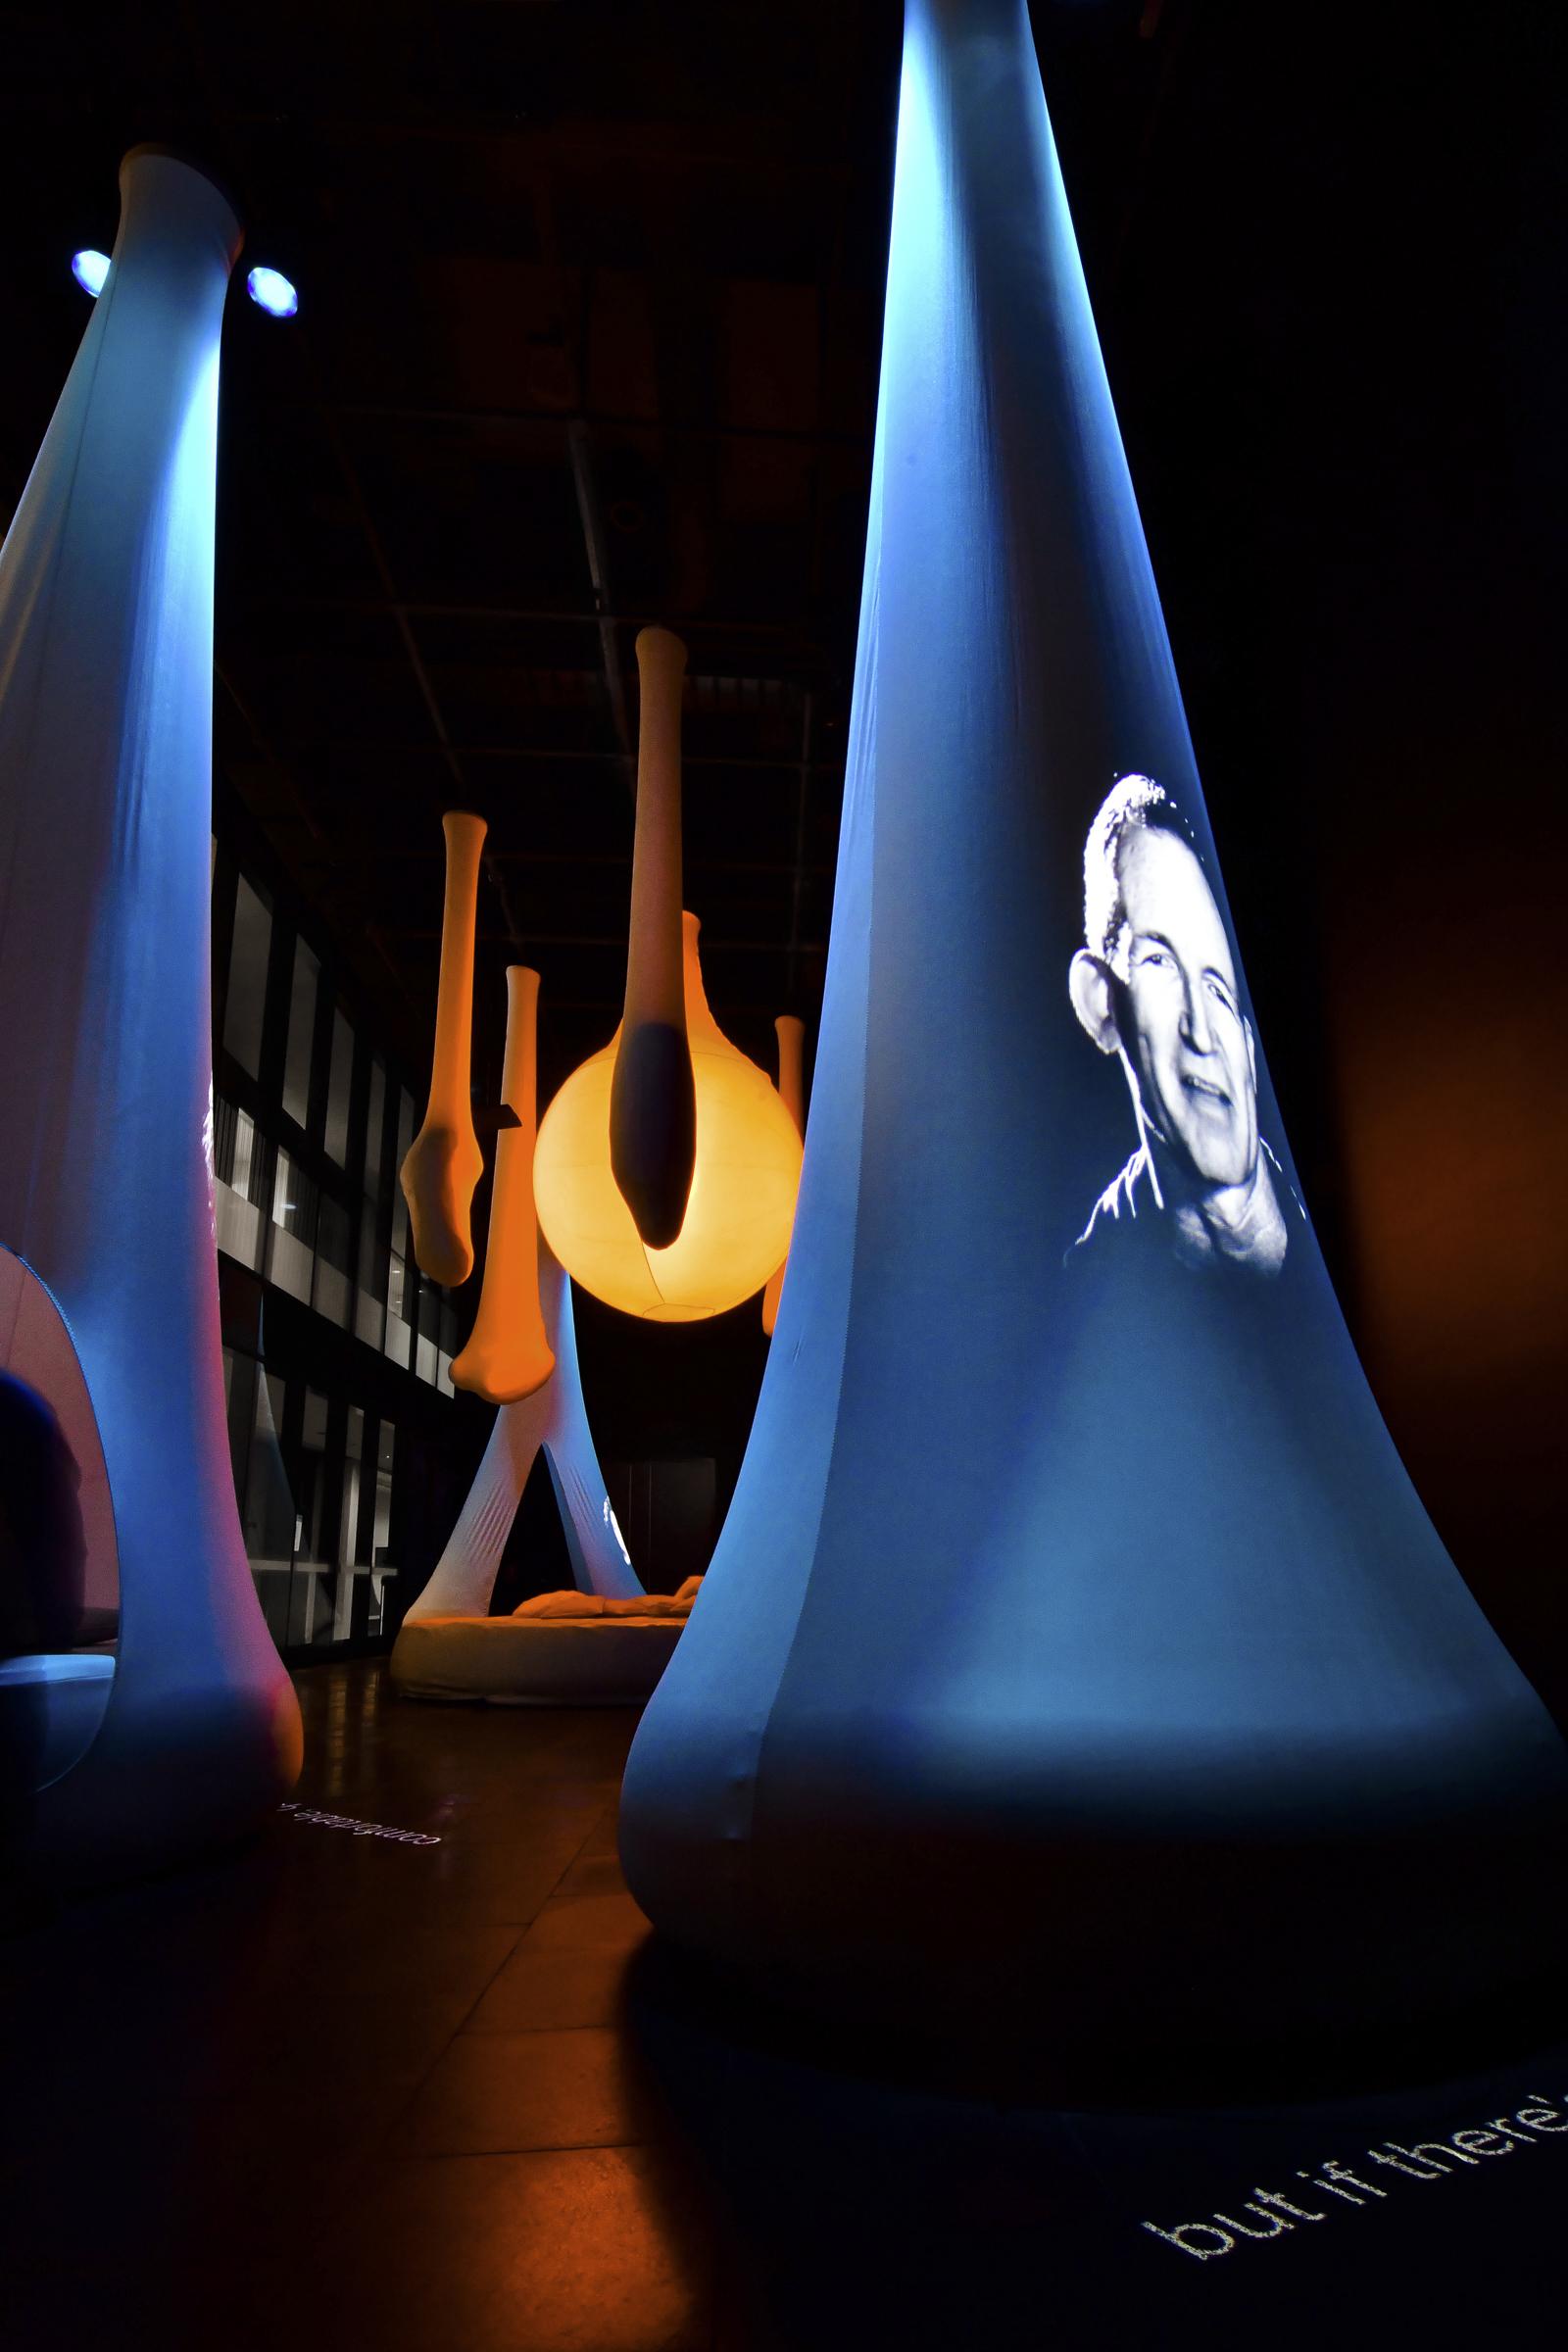 MOD. Sleep Ops Exhibition Image 4